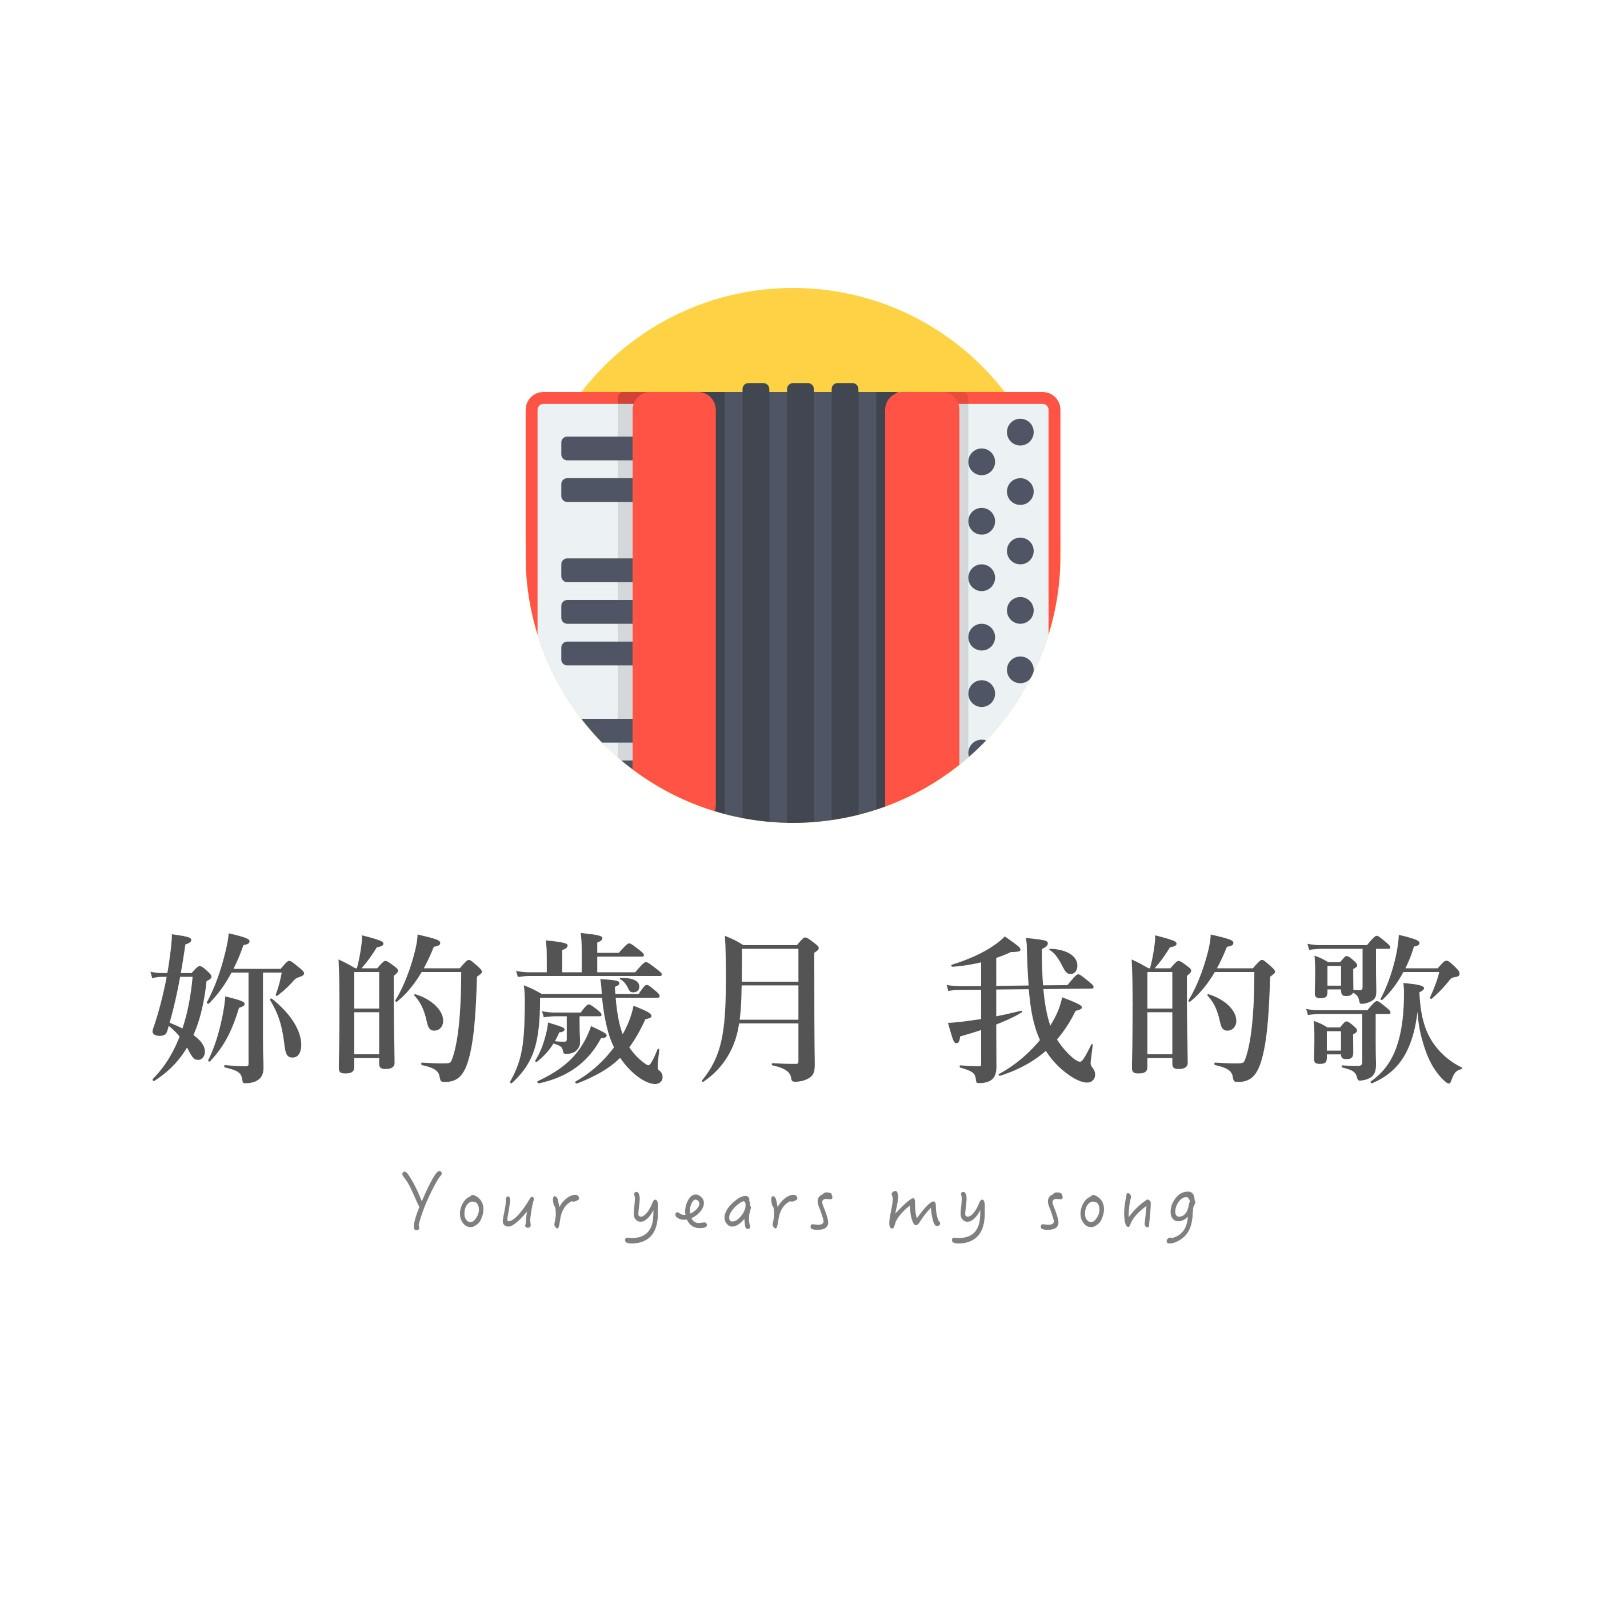 你的岁月我的歌